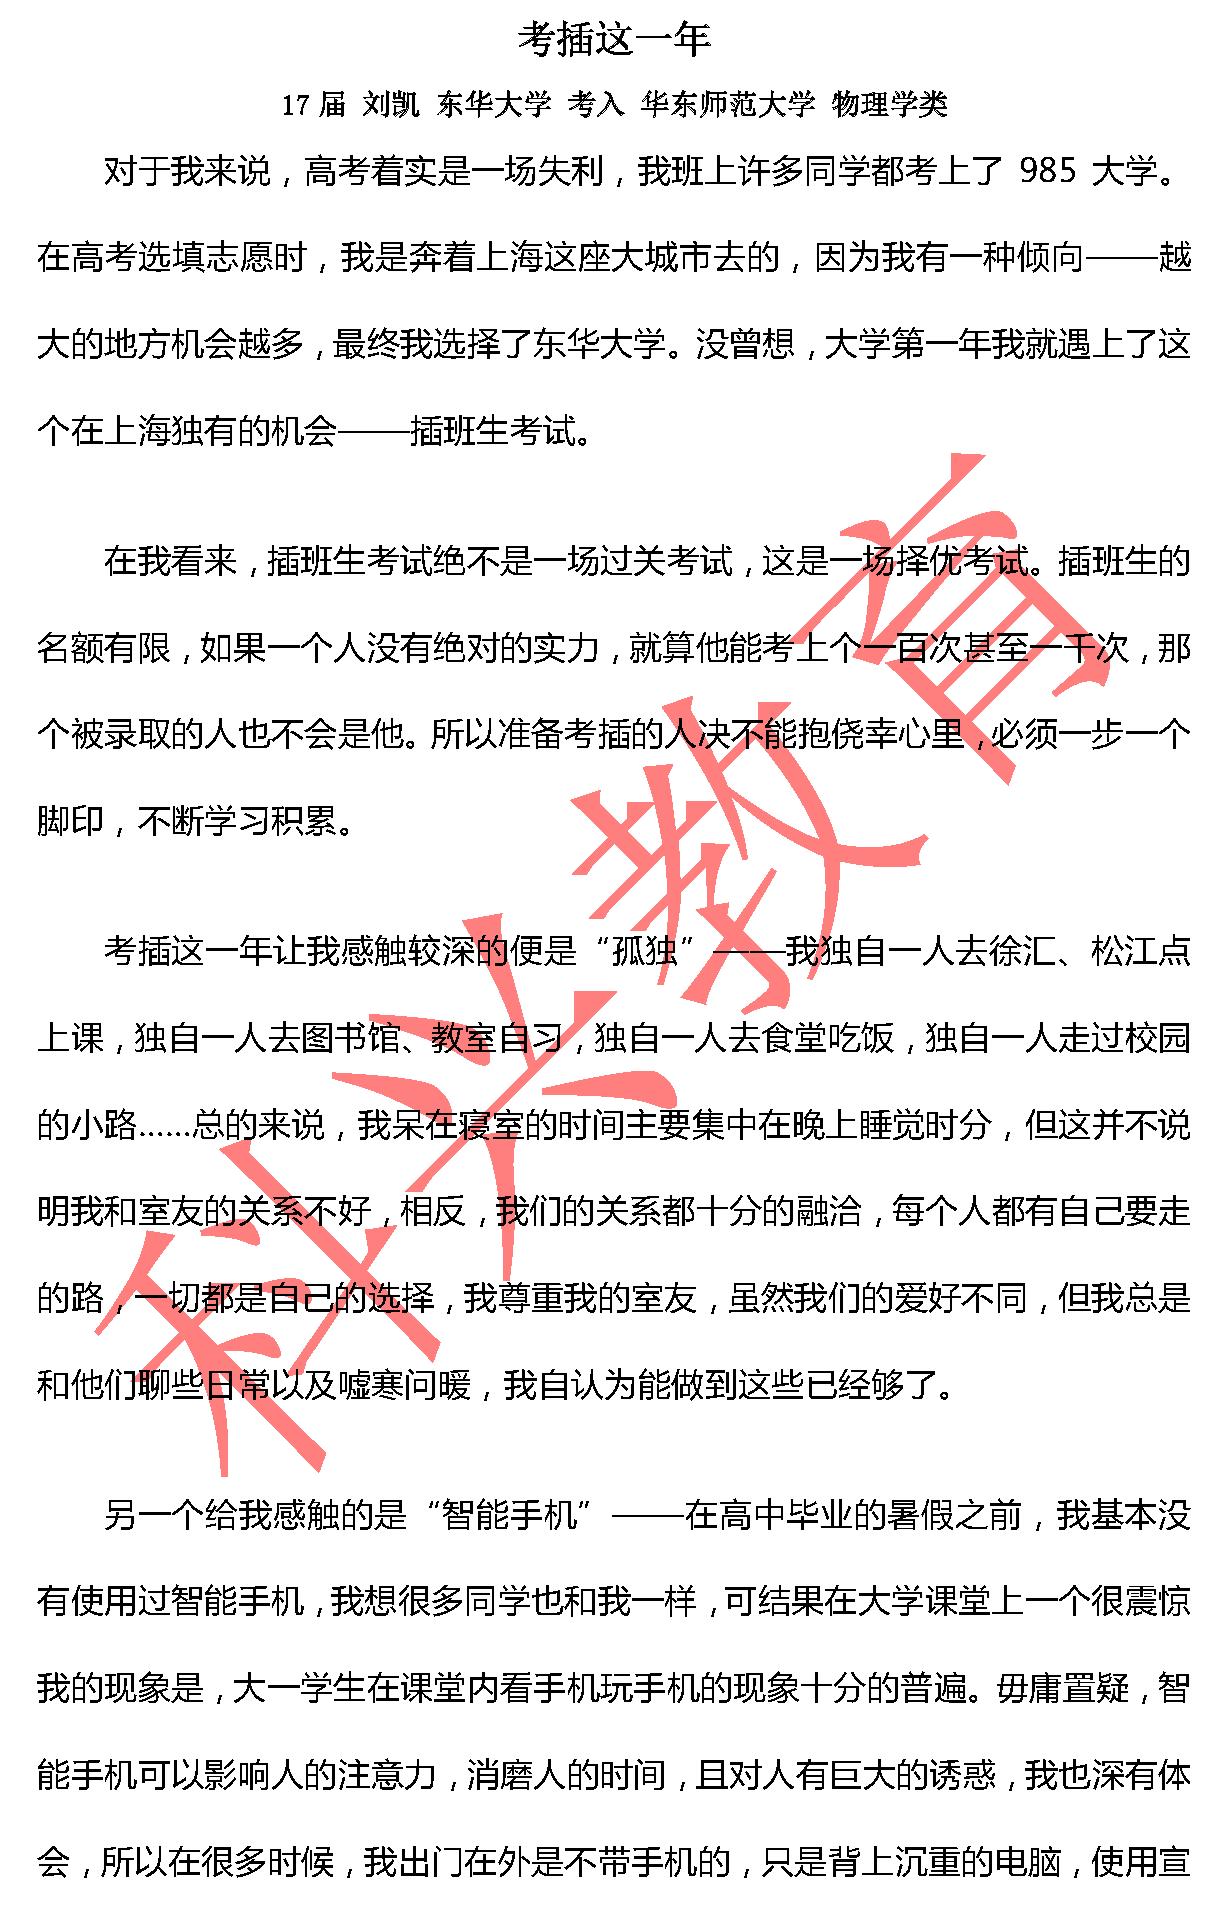 华东师大刘凯:考插这一年(17届)